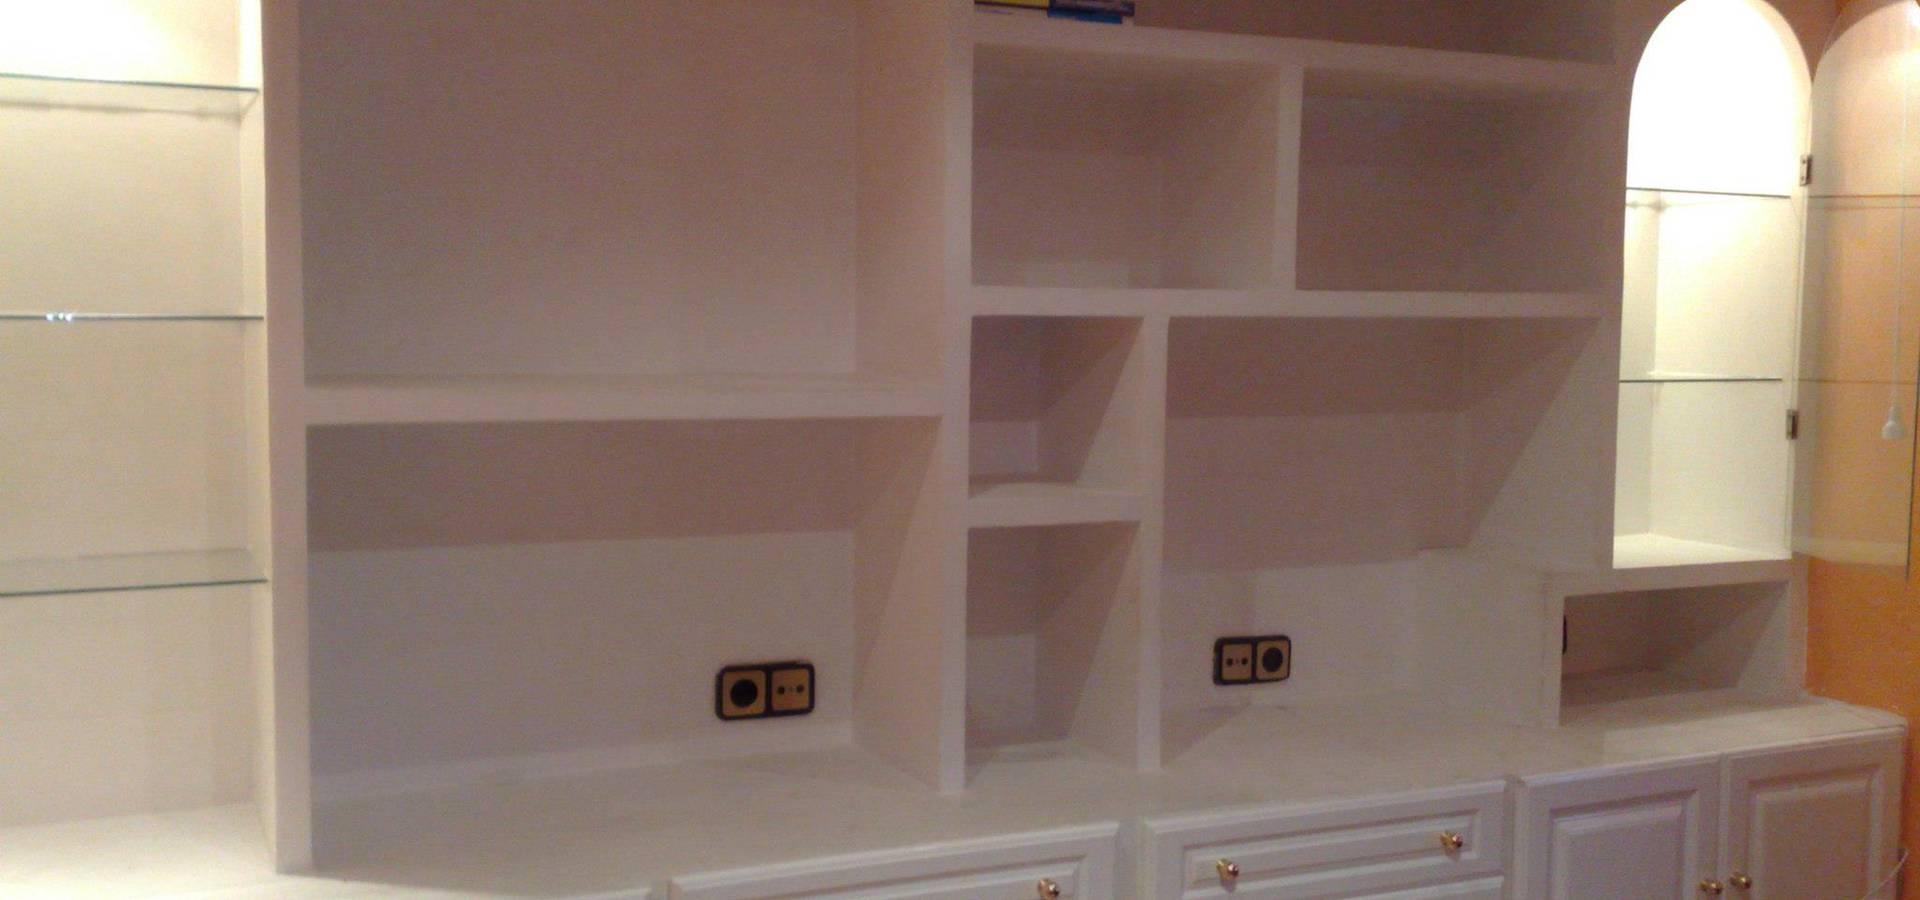 Mueble en sal n con estanterias de escayola by escayolas - Mueble de escayola ...